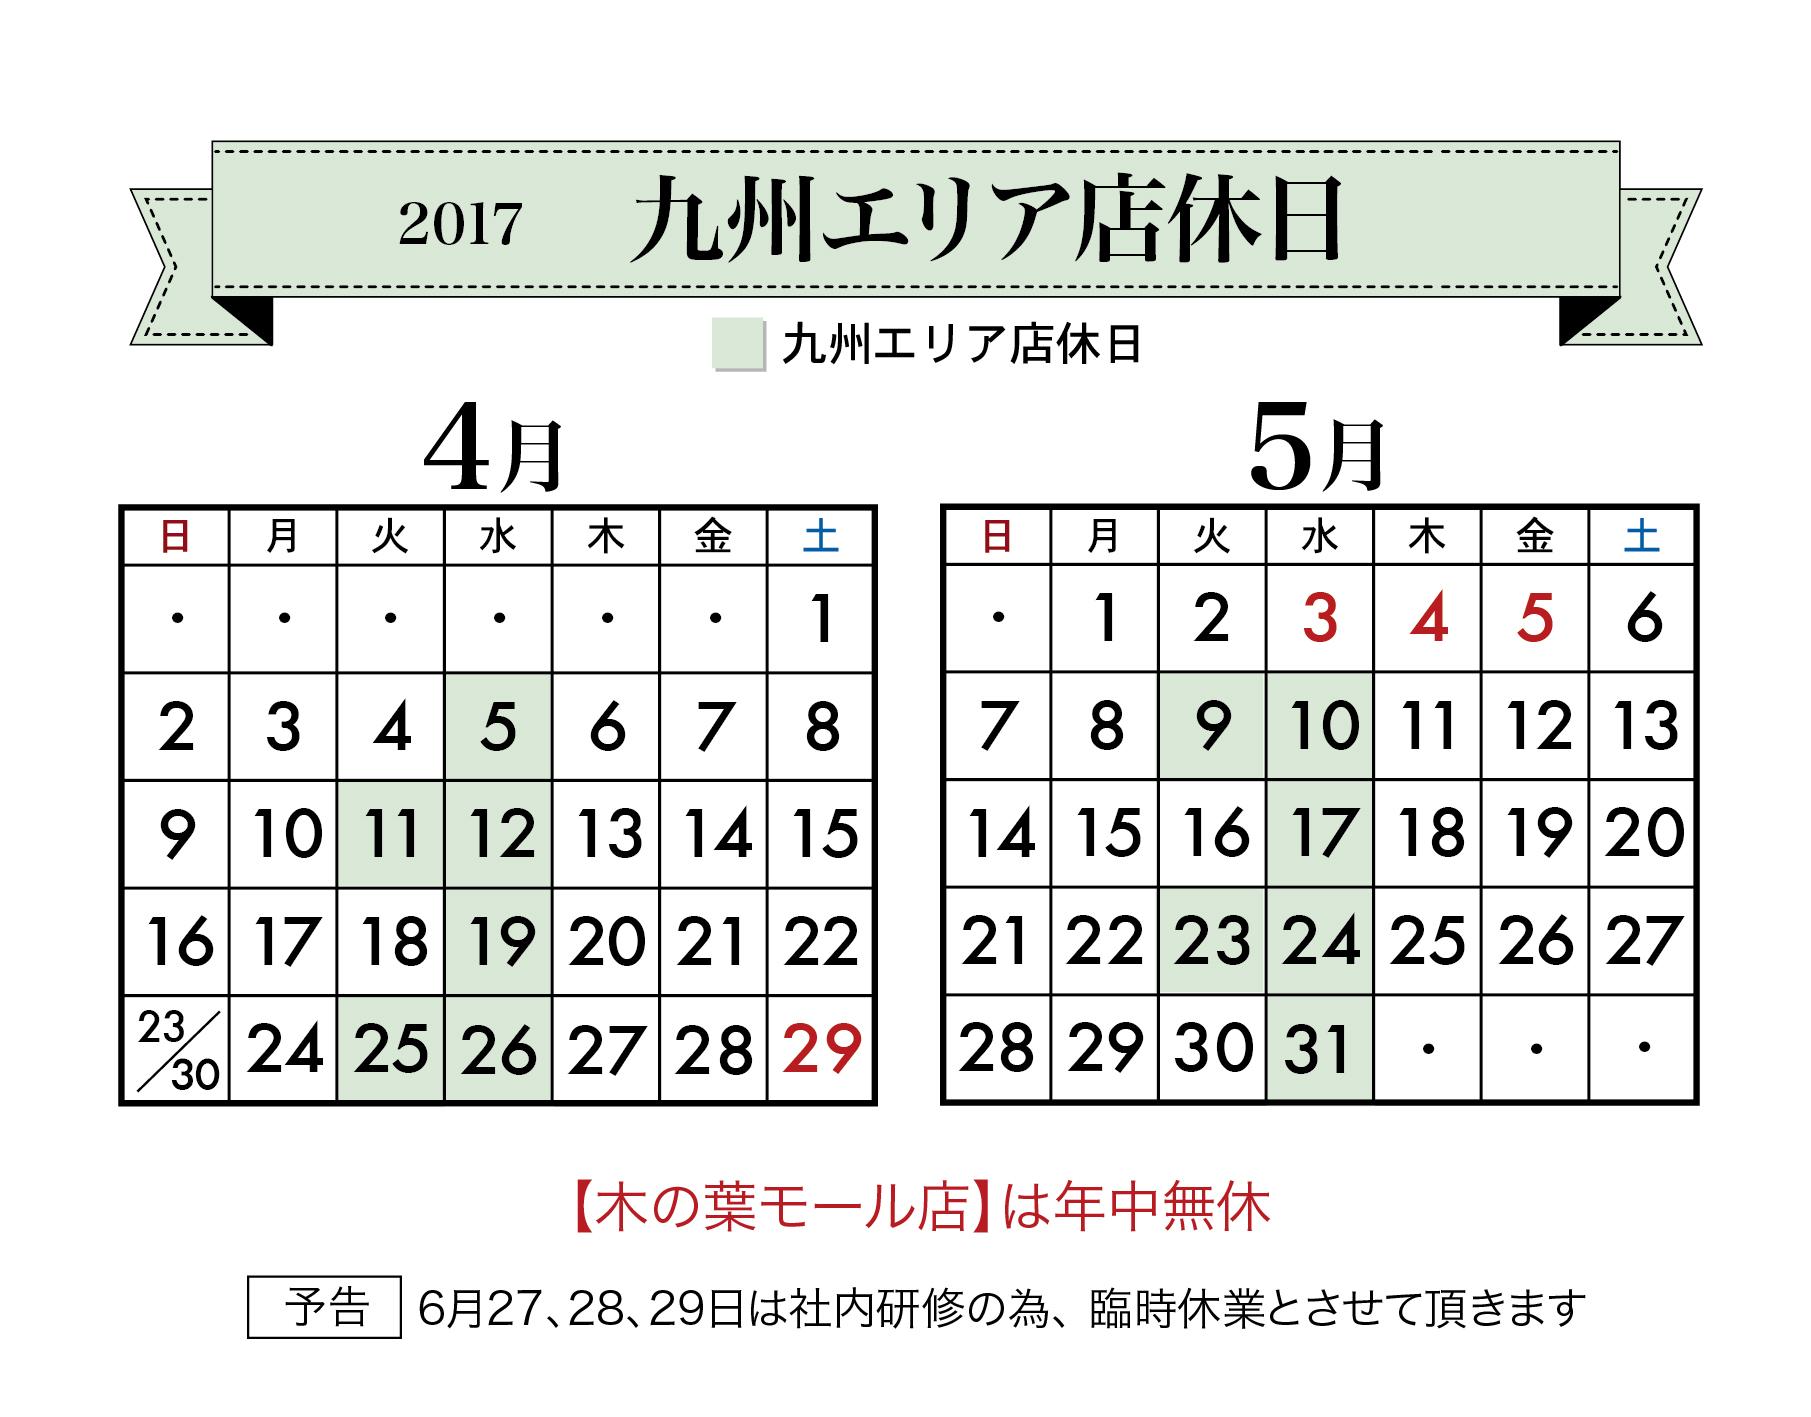 201704_05定休日カレンダー